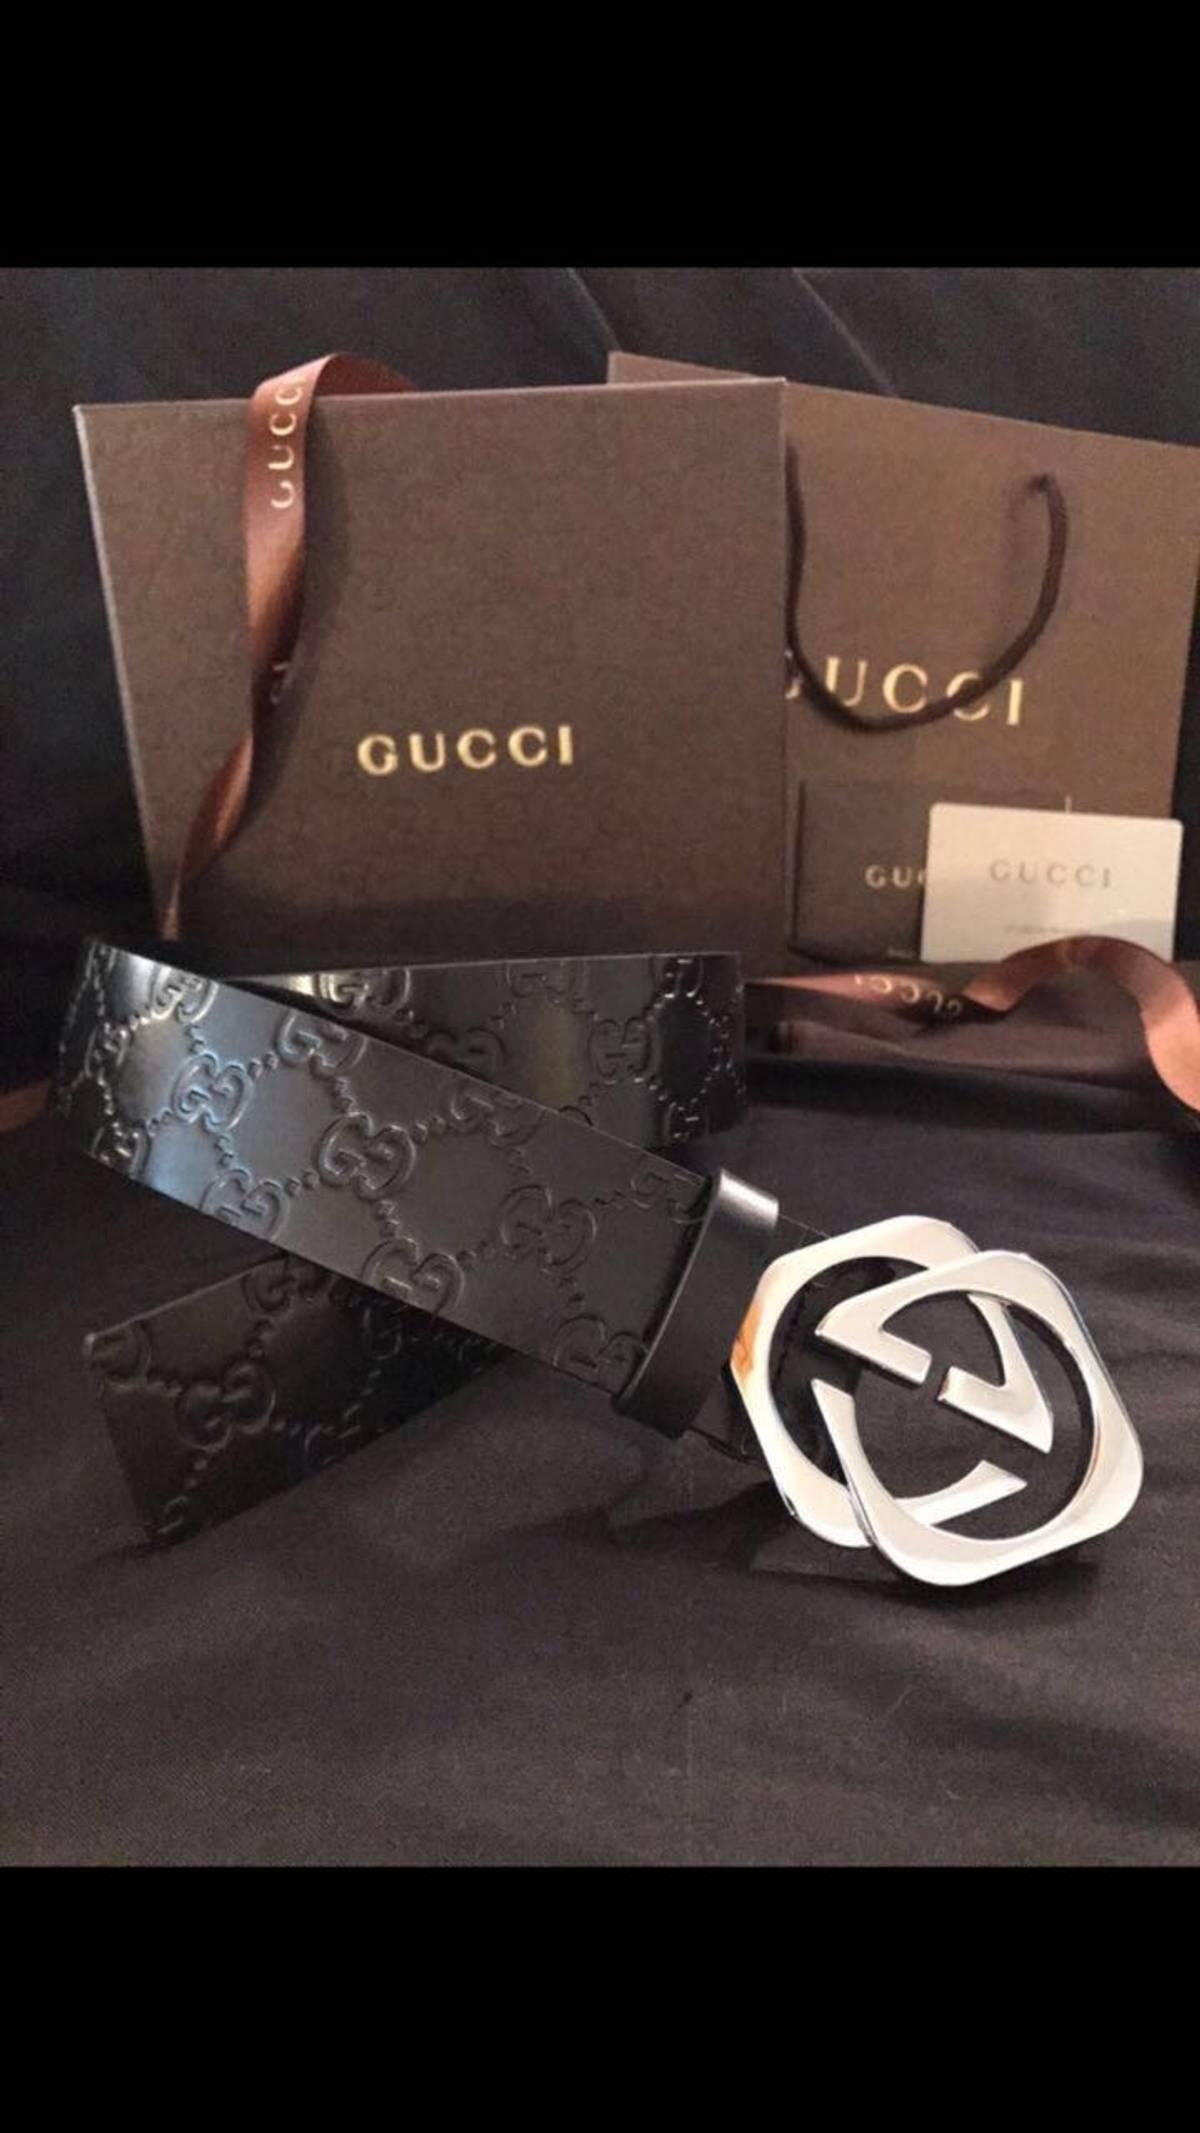 ca8d74f454f Gucci Gucci Interlocking Square G Black Guccissima Size 95cm 32-34 Size 32  - Belts for Sale - Grailed